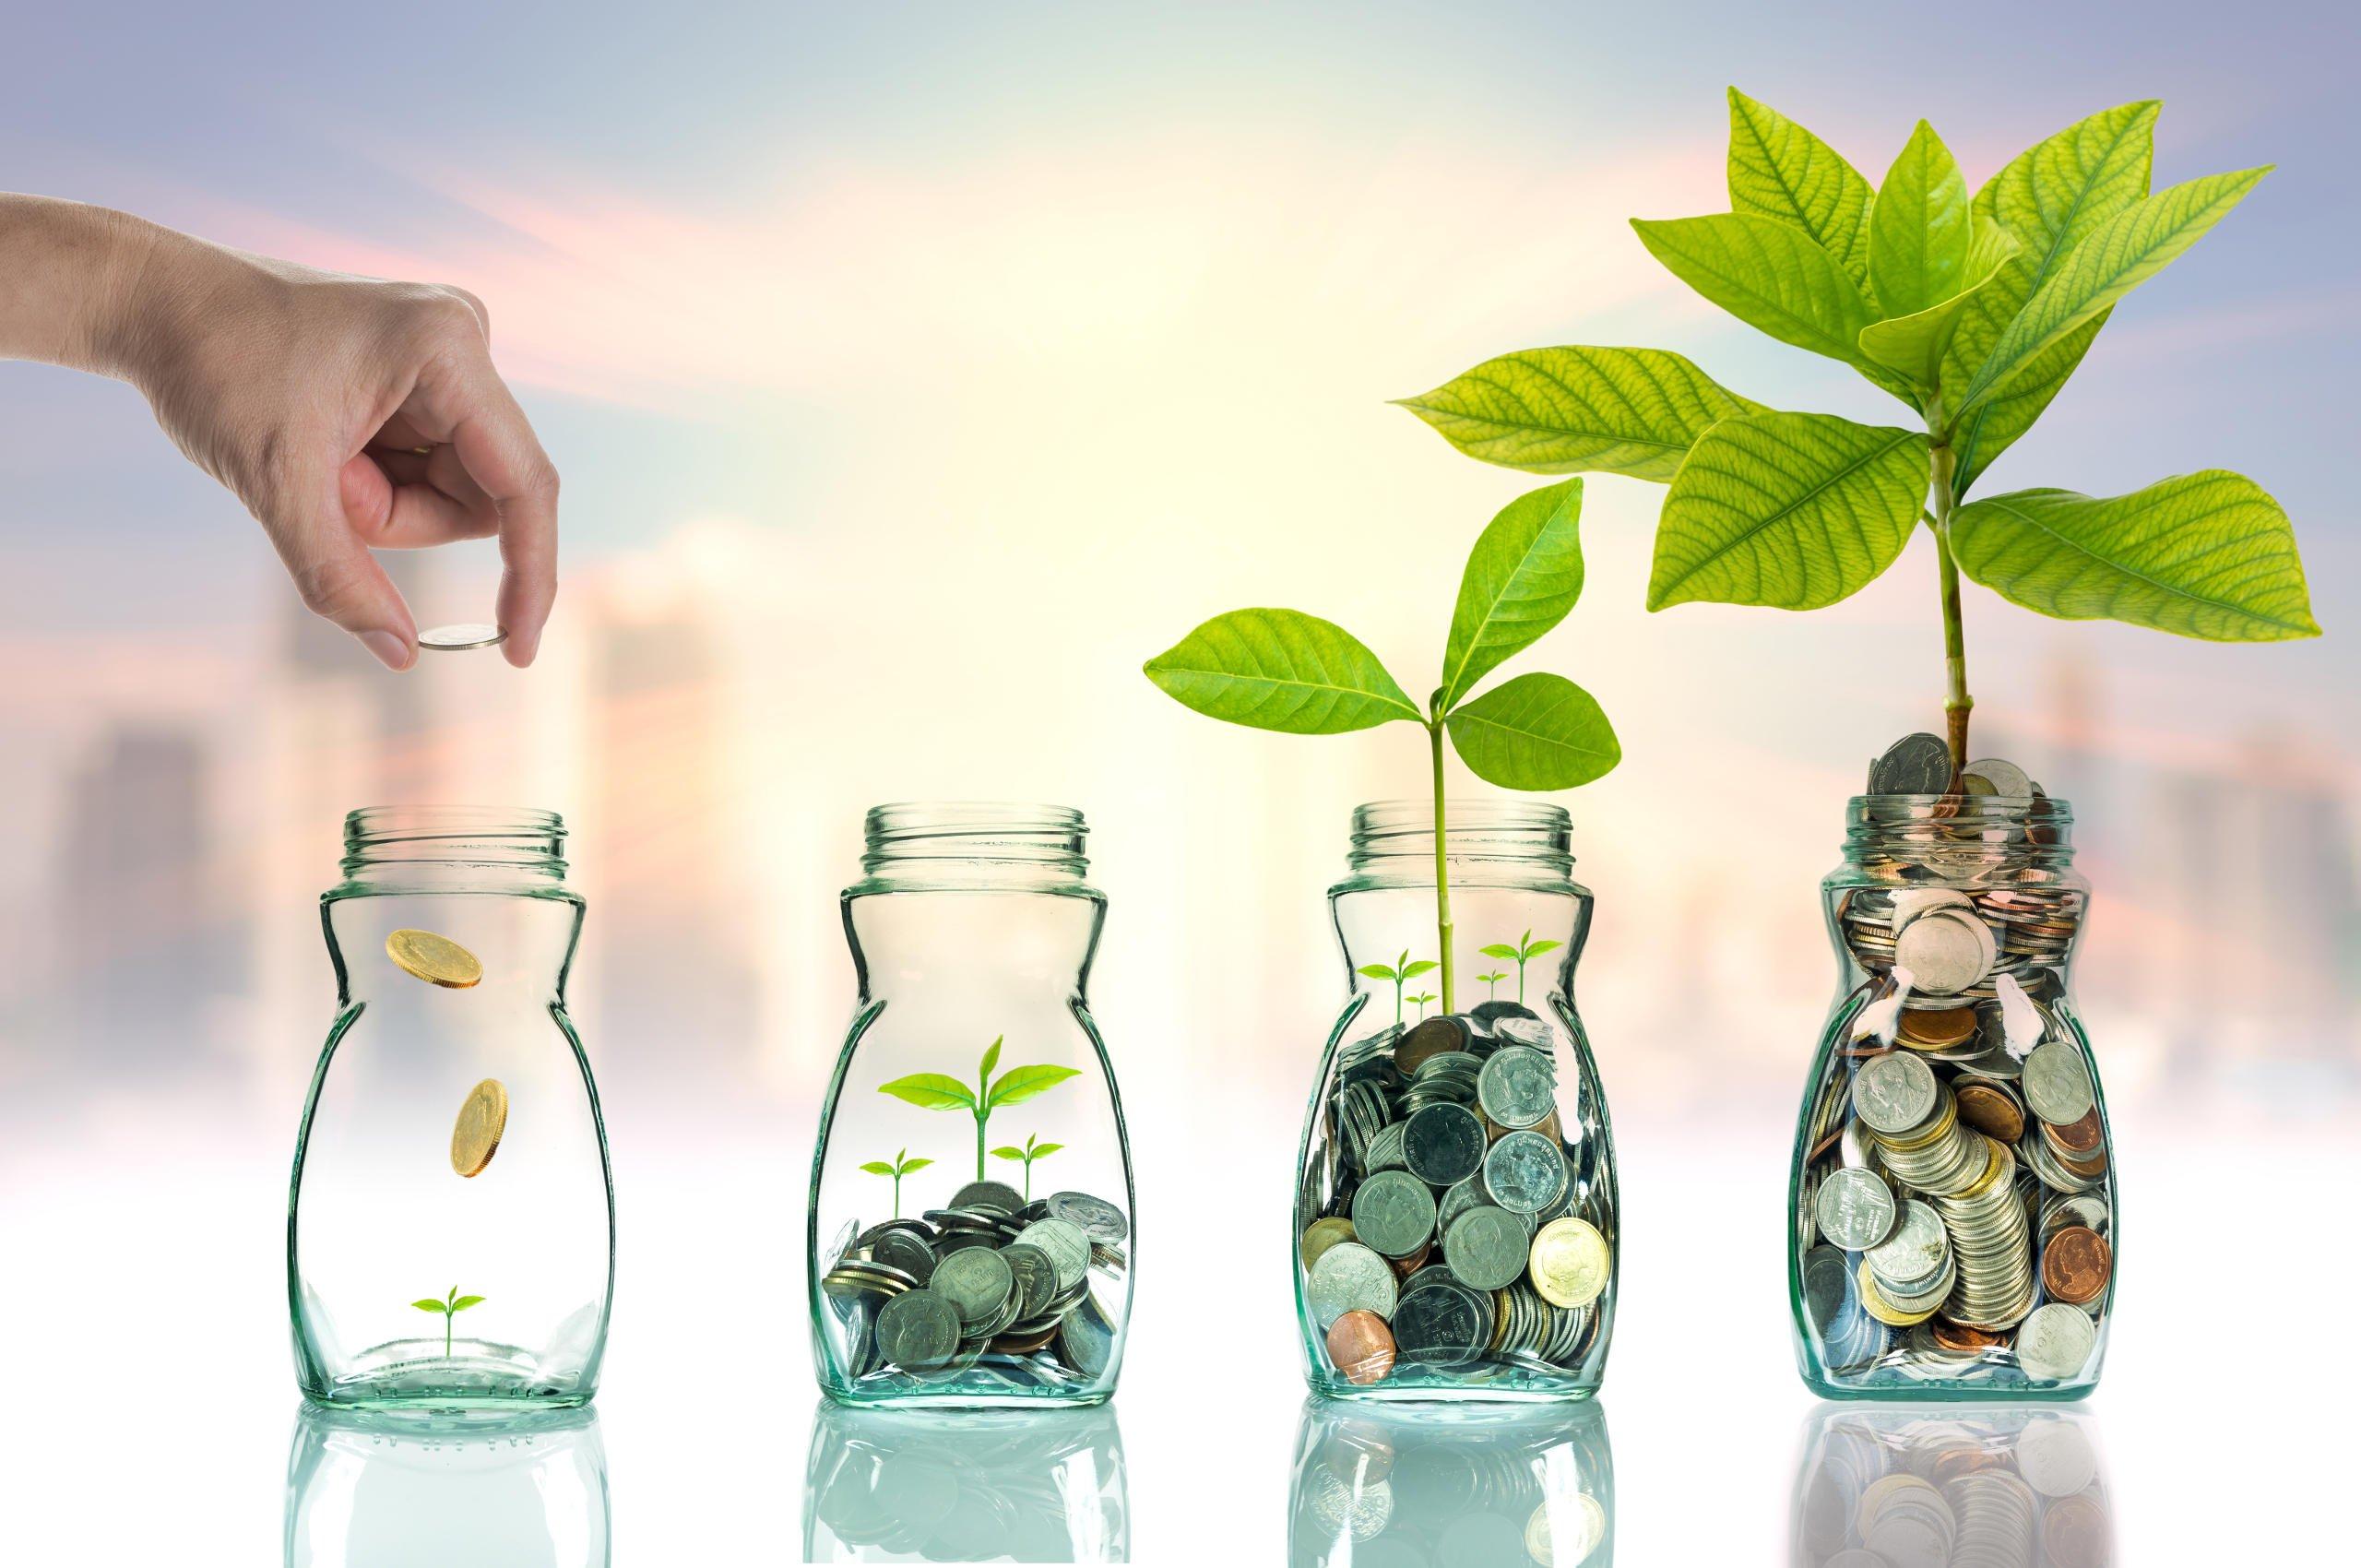 Η κοινή συνήθεια που έχουν όλες οι επιτυχημένες γυναίκες -Και έχει να κάνει  με τη διαχείριση χρημάτων | BOVARY